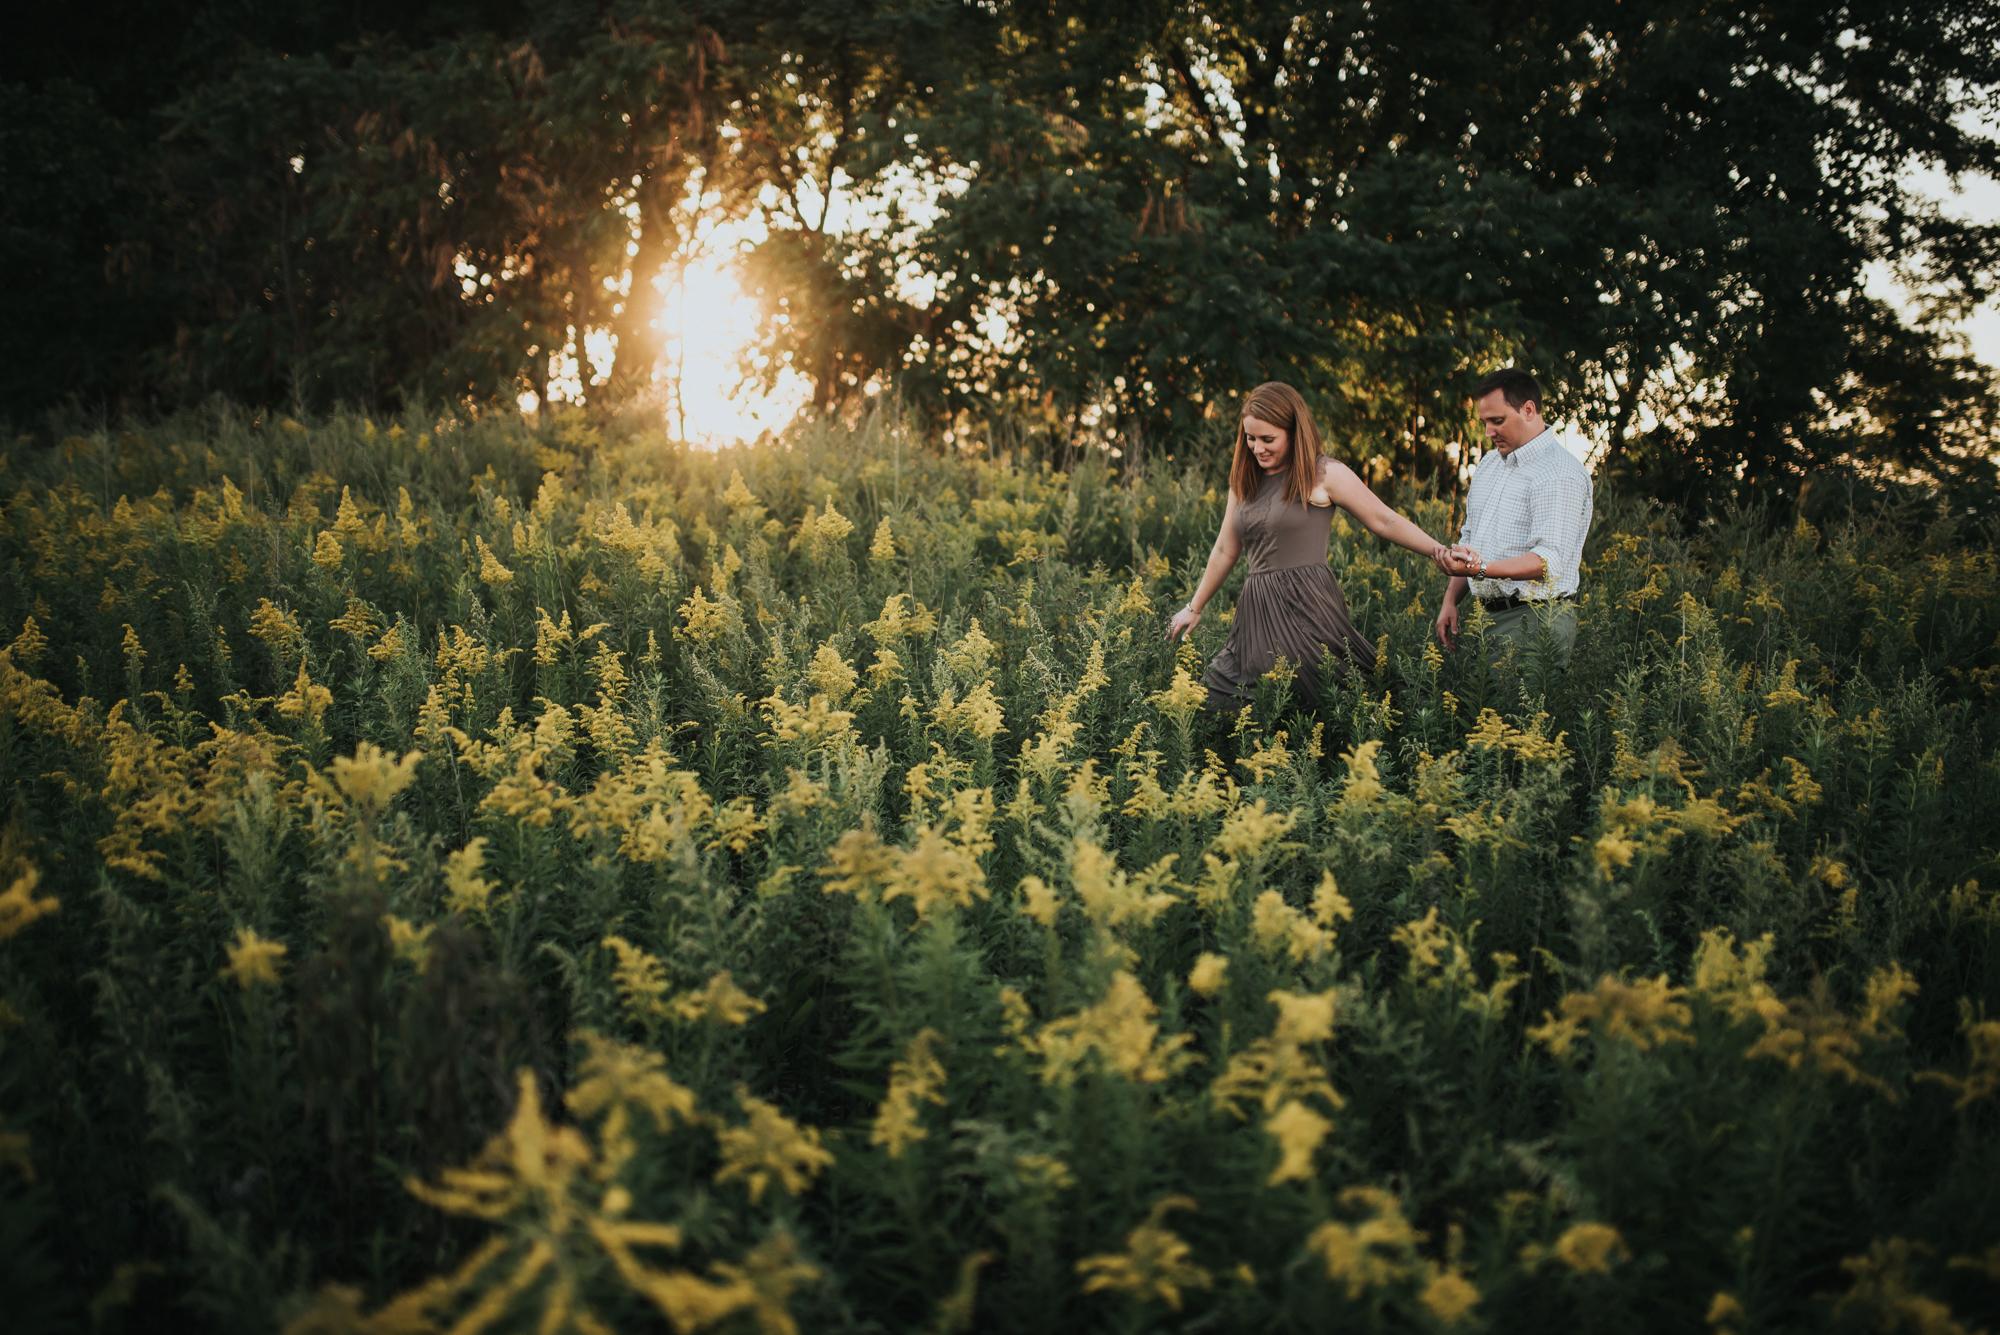 wendy park engagement session - cleveland ohio